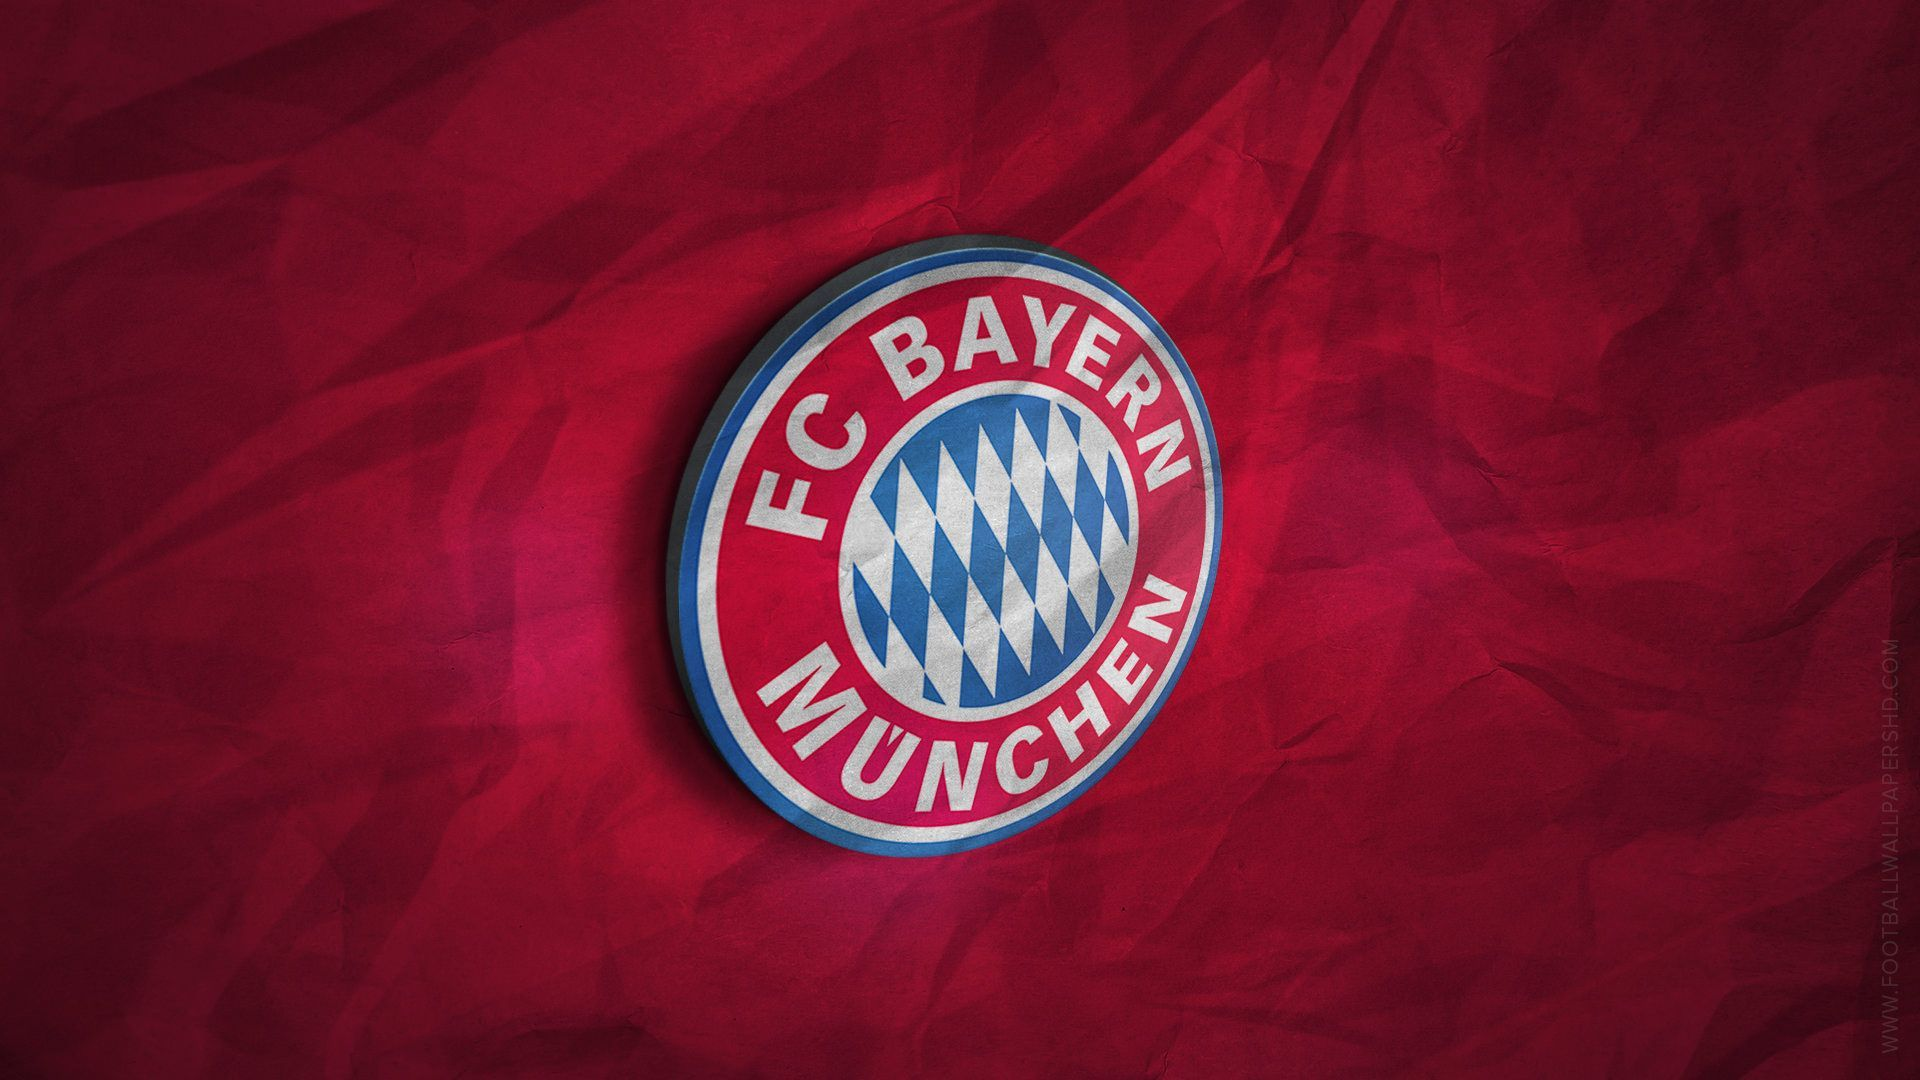 Bayern Munich Logo Wallpapers Top Free Bayern Munich Logo Backgrounds Wallpaperaccess